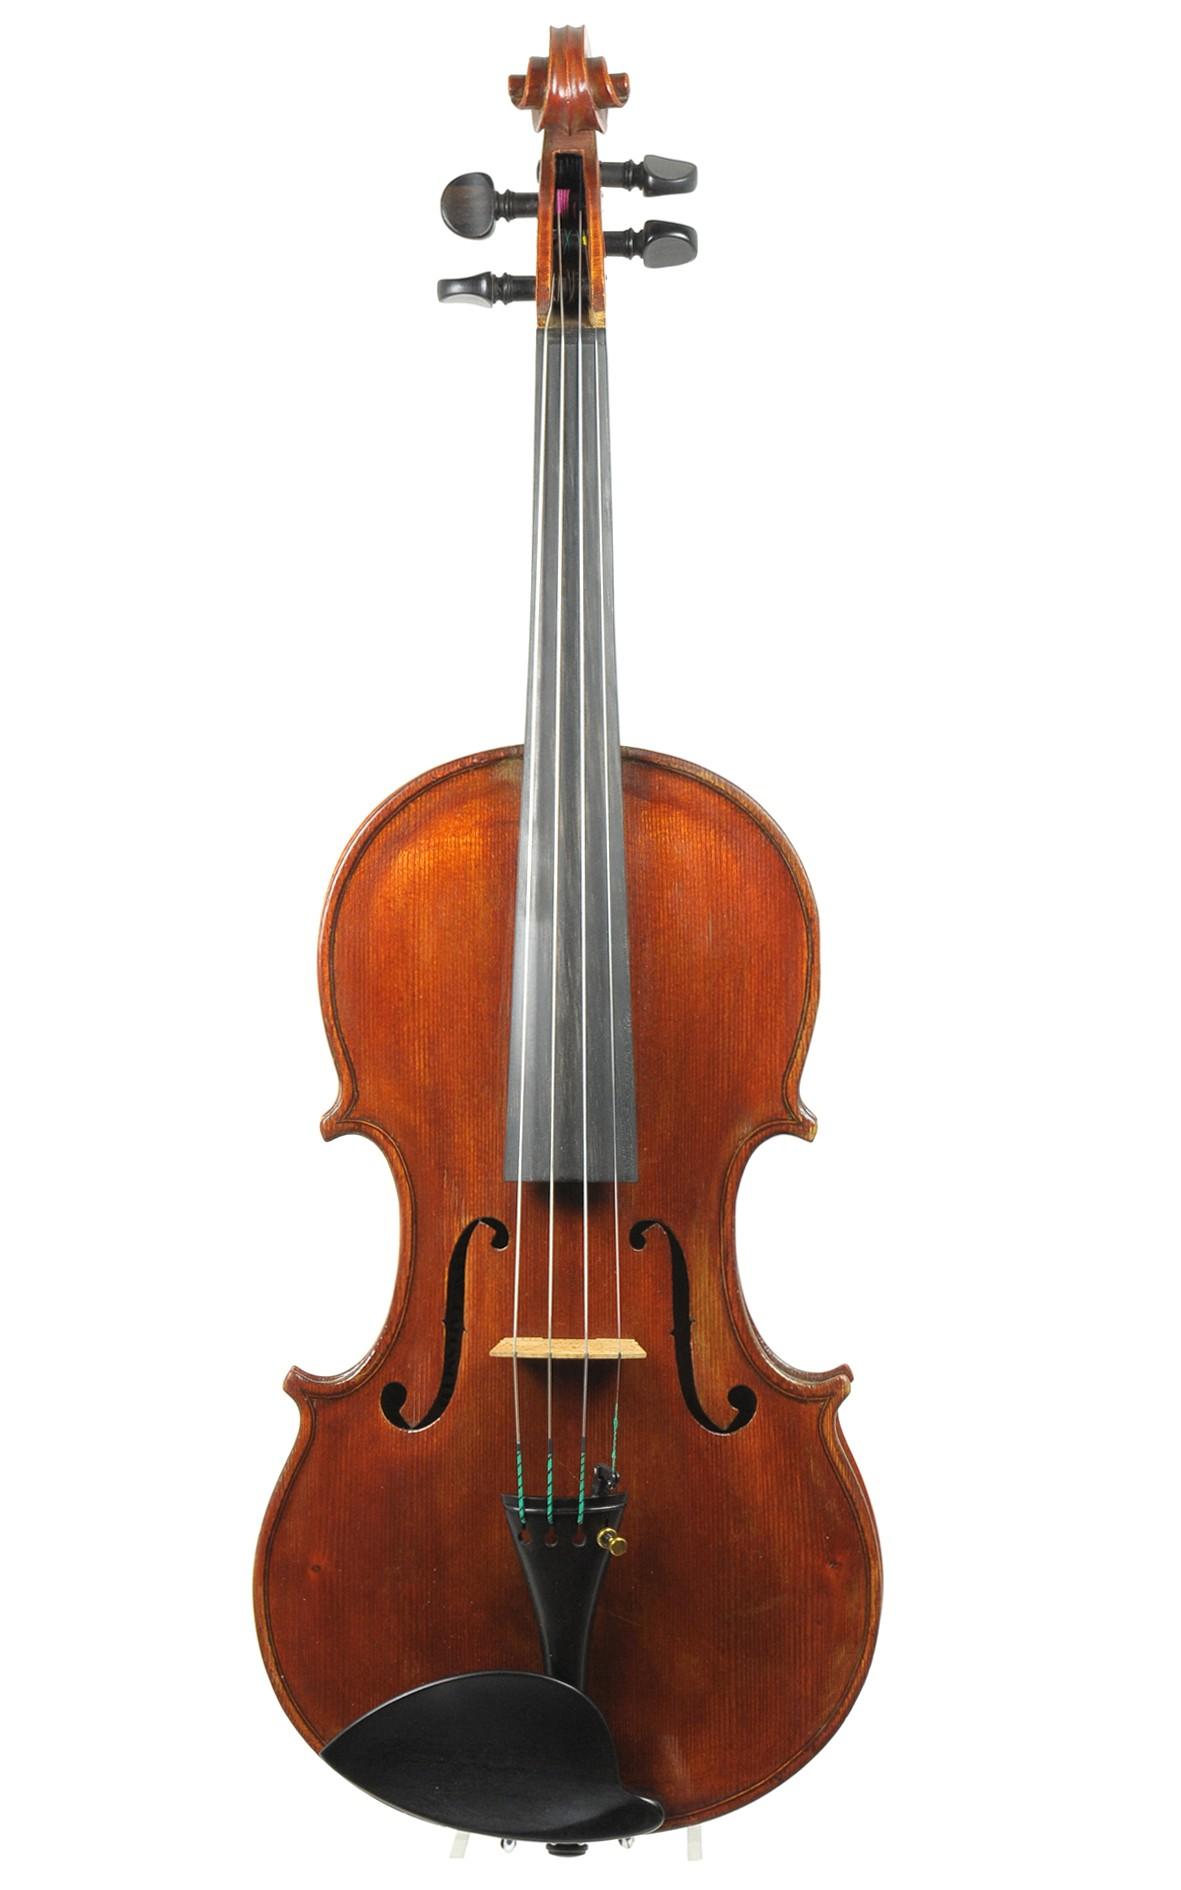 Italienische Violine von Stefano Caponetto - Decke